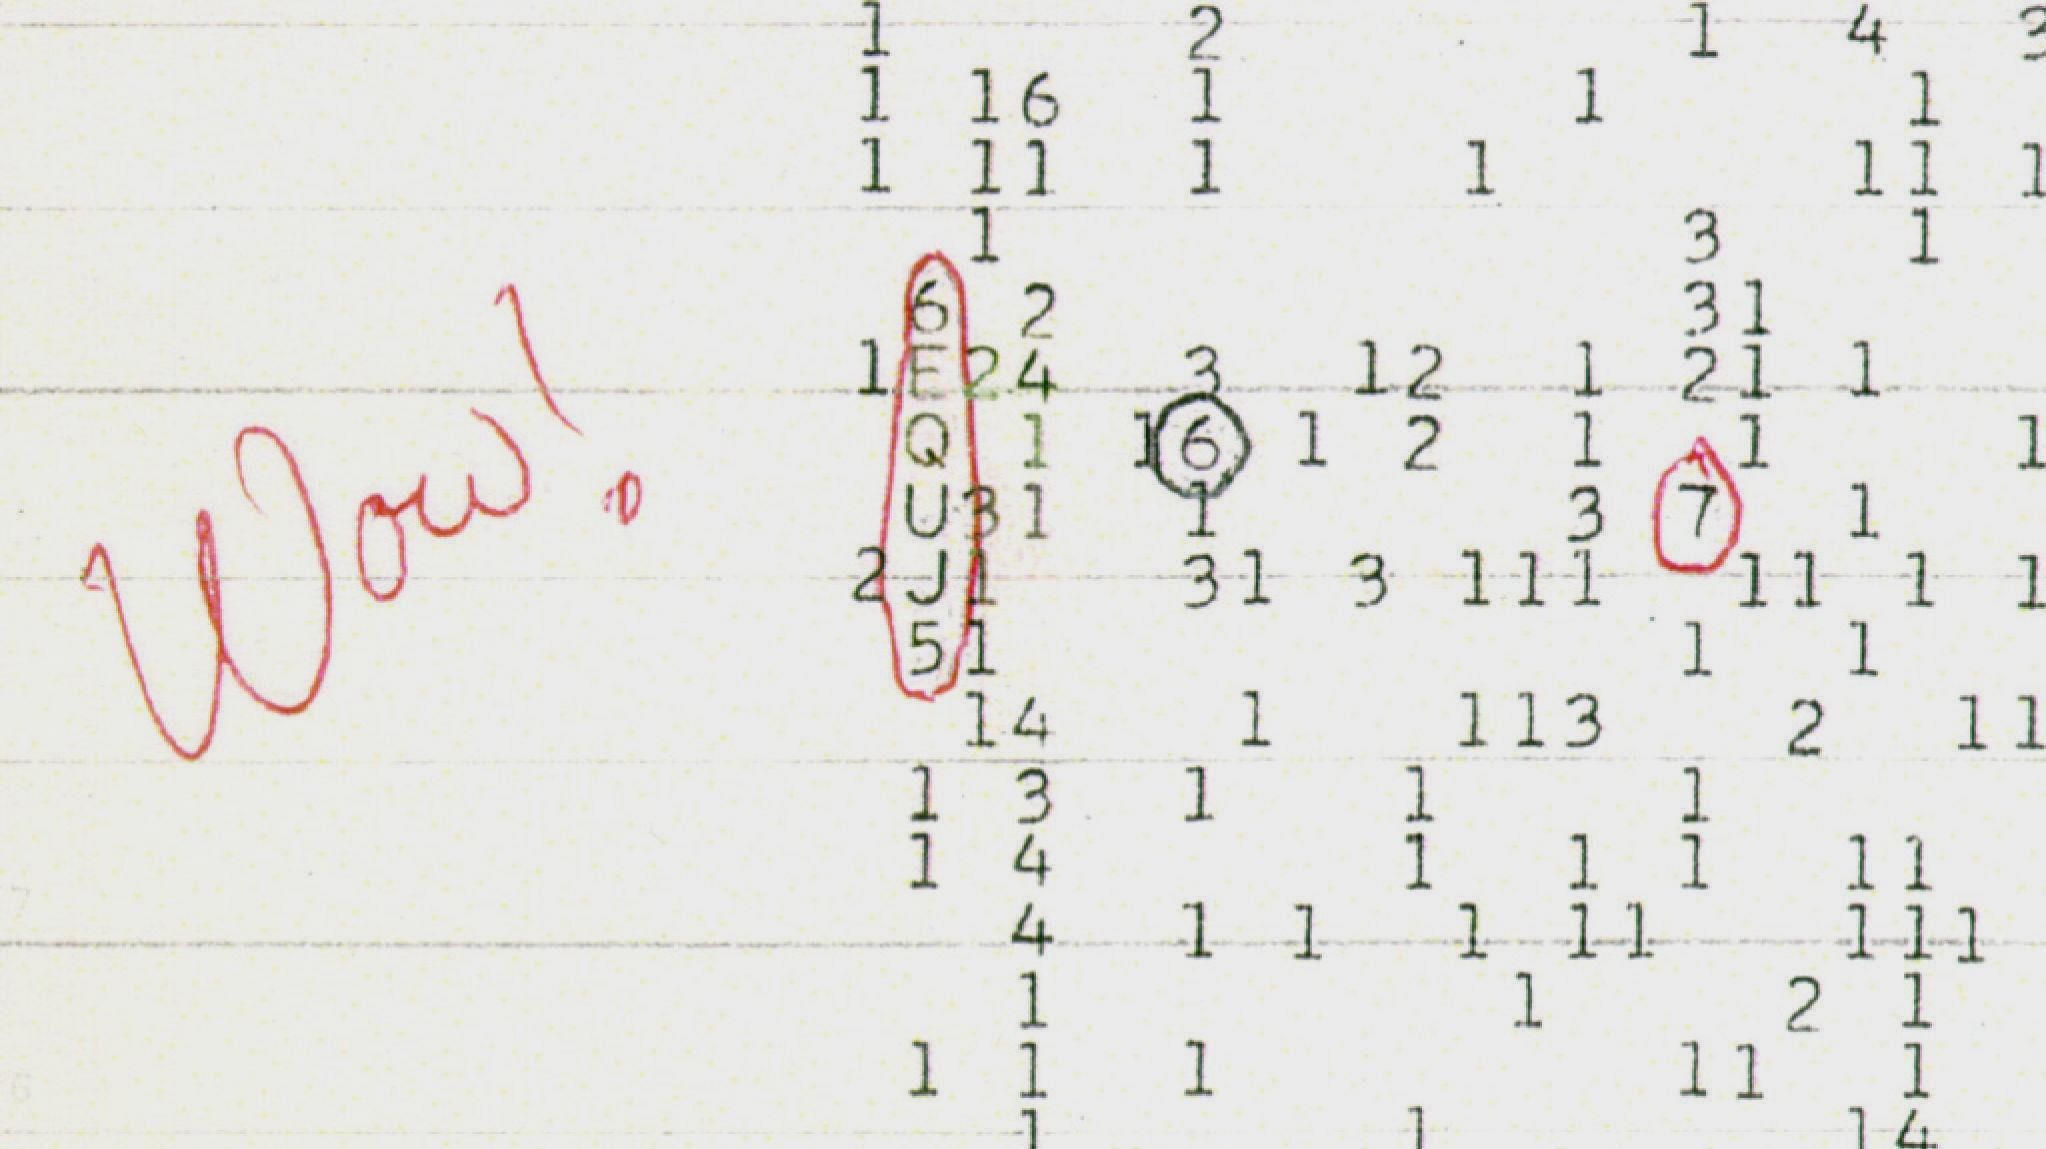 WOW! Utskrift av radiosignalet med påtegningen av Dr. Jerry R. Ehman.